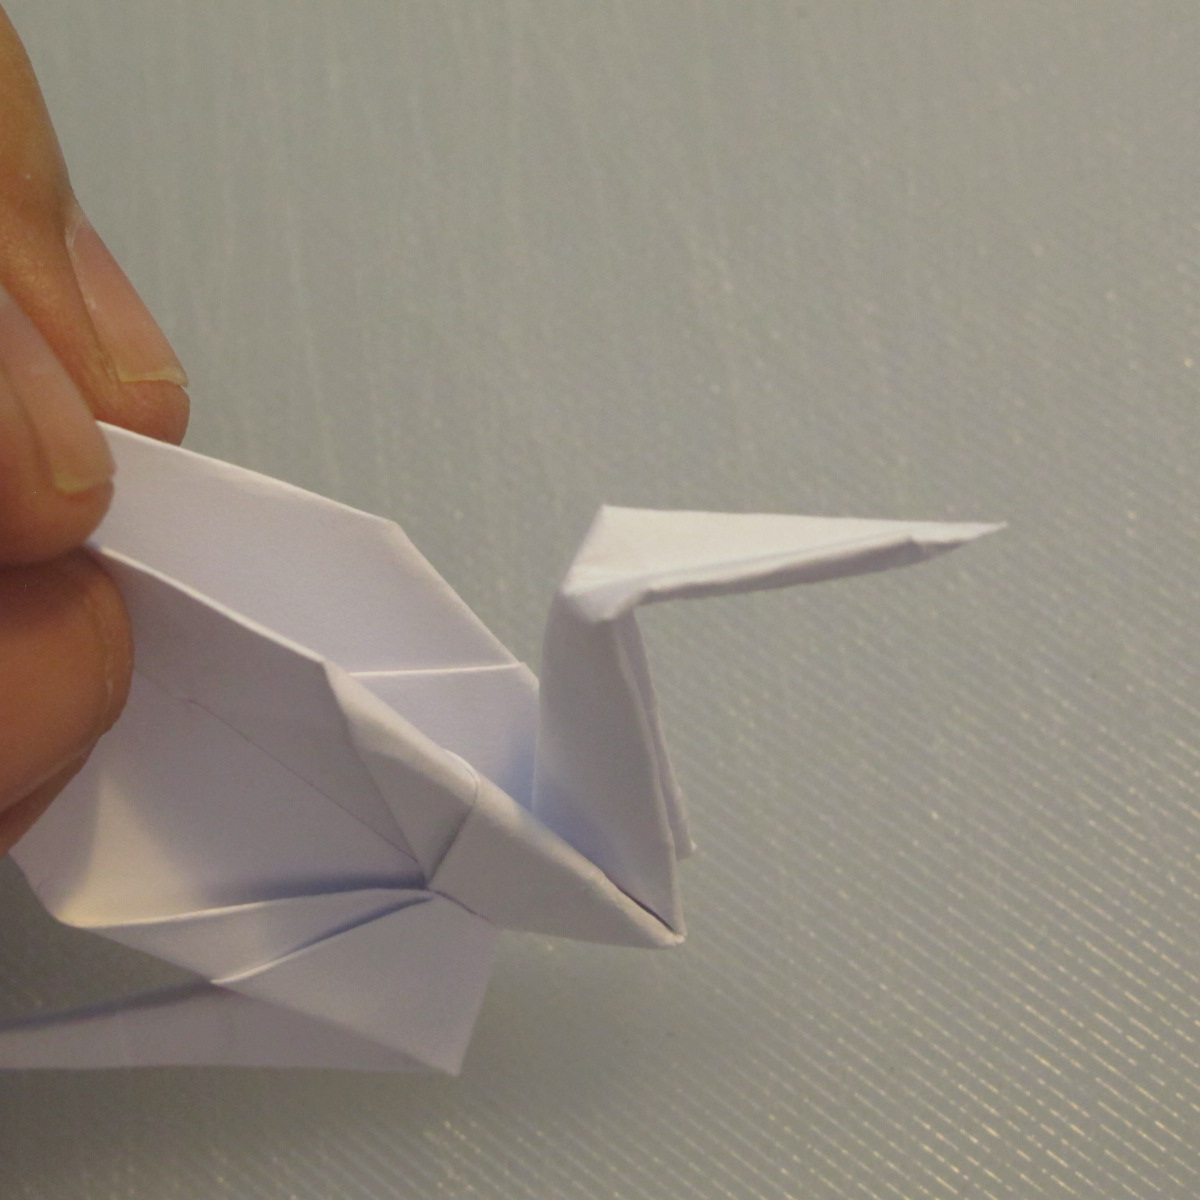 วิธีพับกระดาษเป็นรูปนกกระเรียน 014